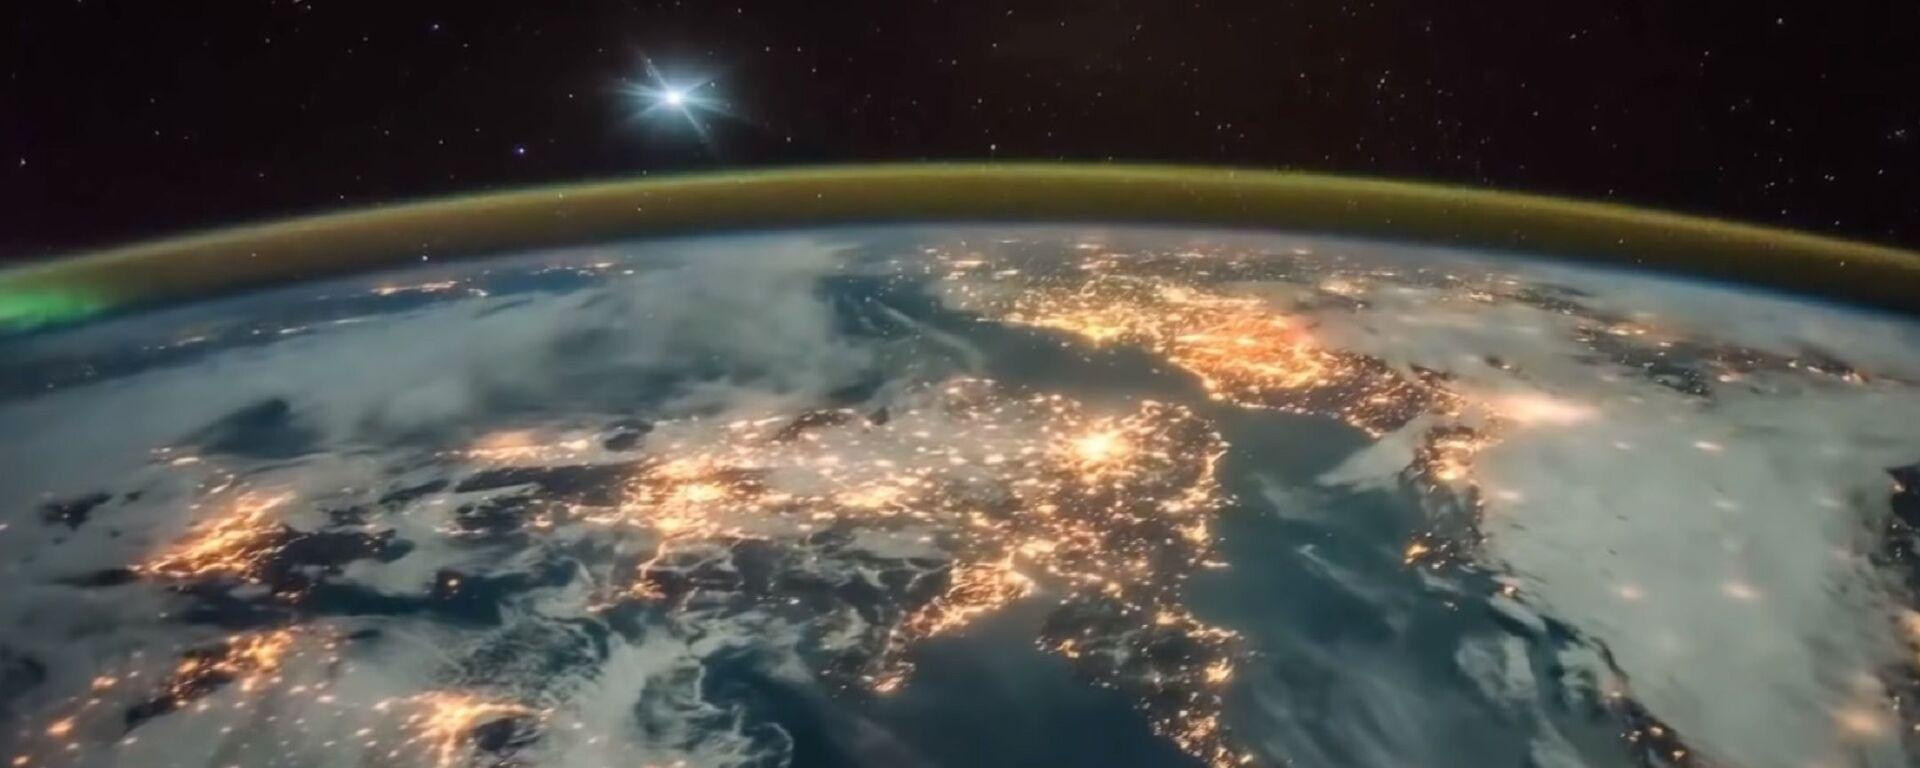 Snimak planete Zemlje sa međunarodne svemirske stanice - Sputnik Srbija, 1920, 19.06.2021